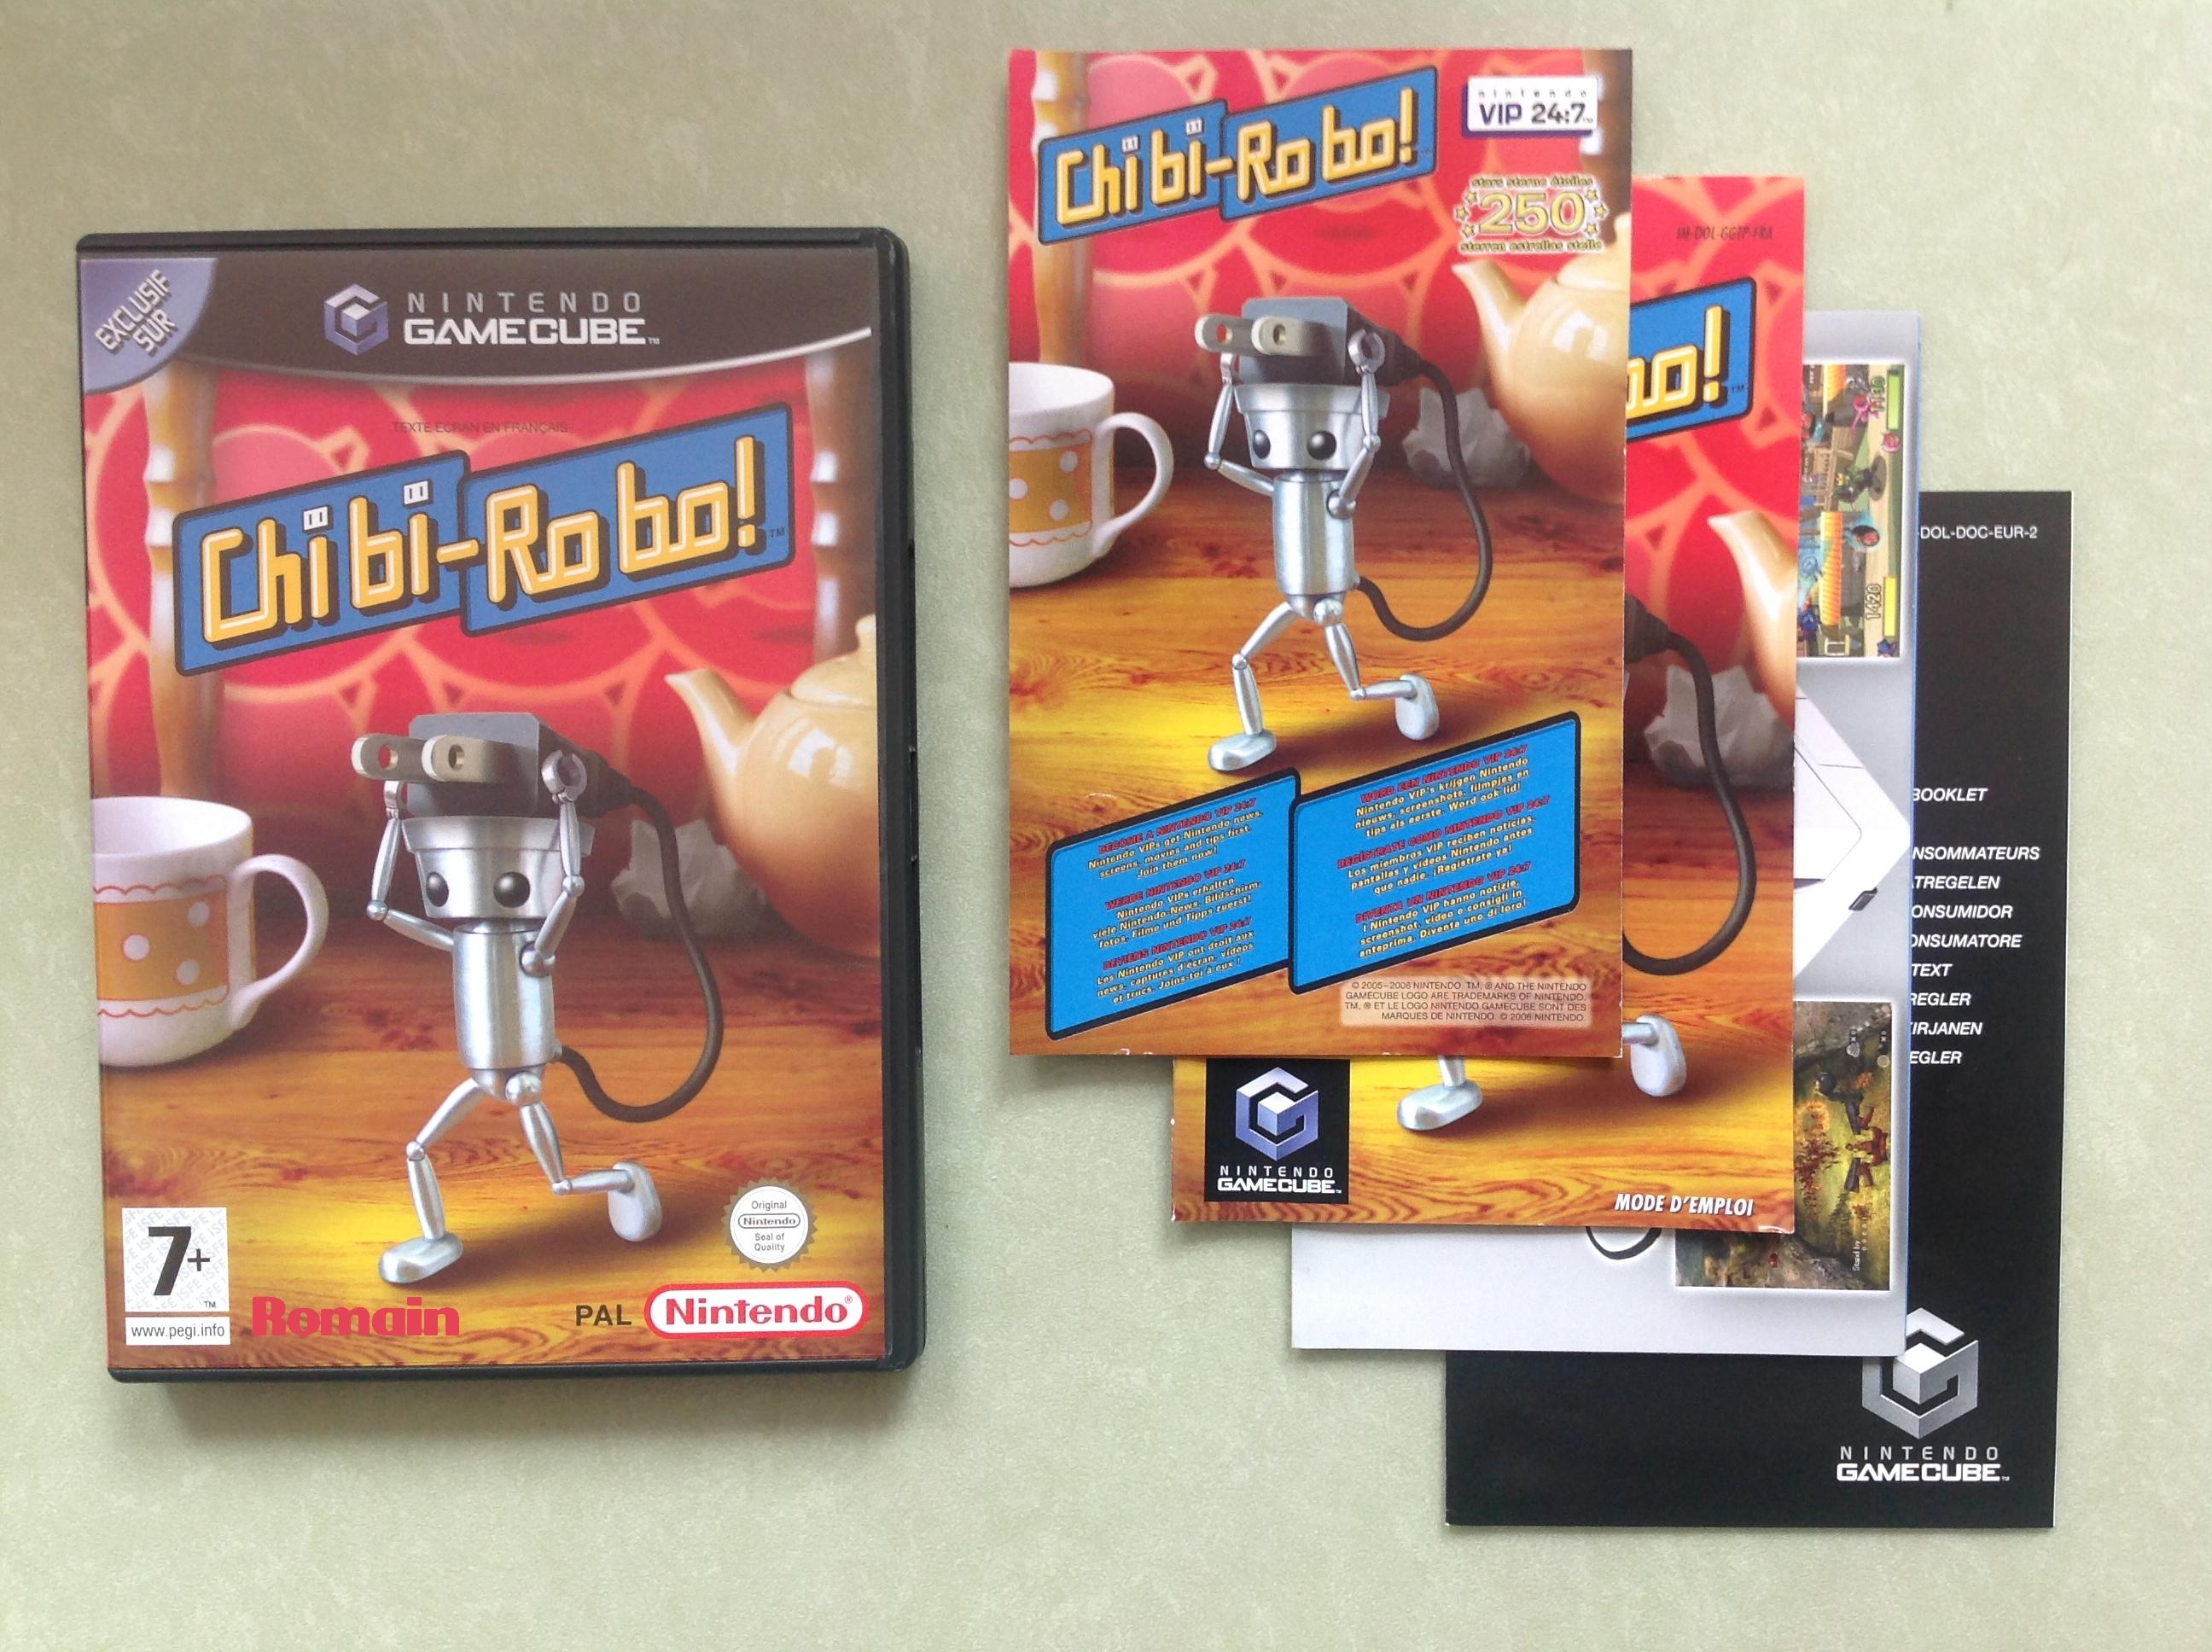 SNES FAH/PAL (et autres supports/régions) de Romain (part 2) New Gameroom page 8 - Page 4 822524IMG0596